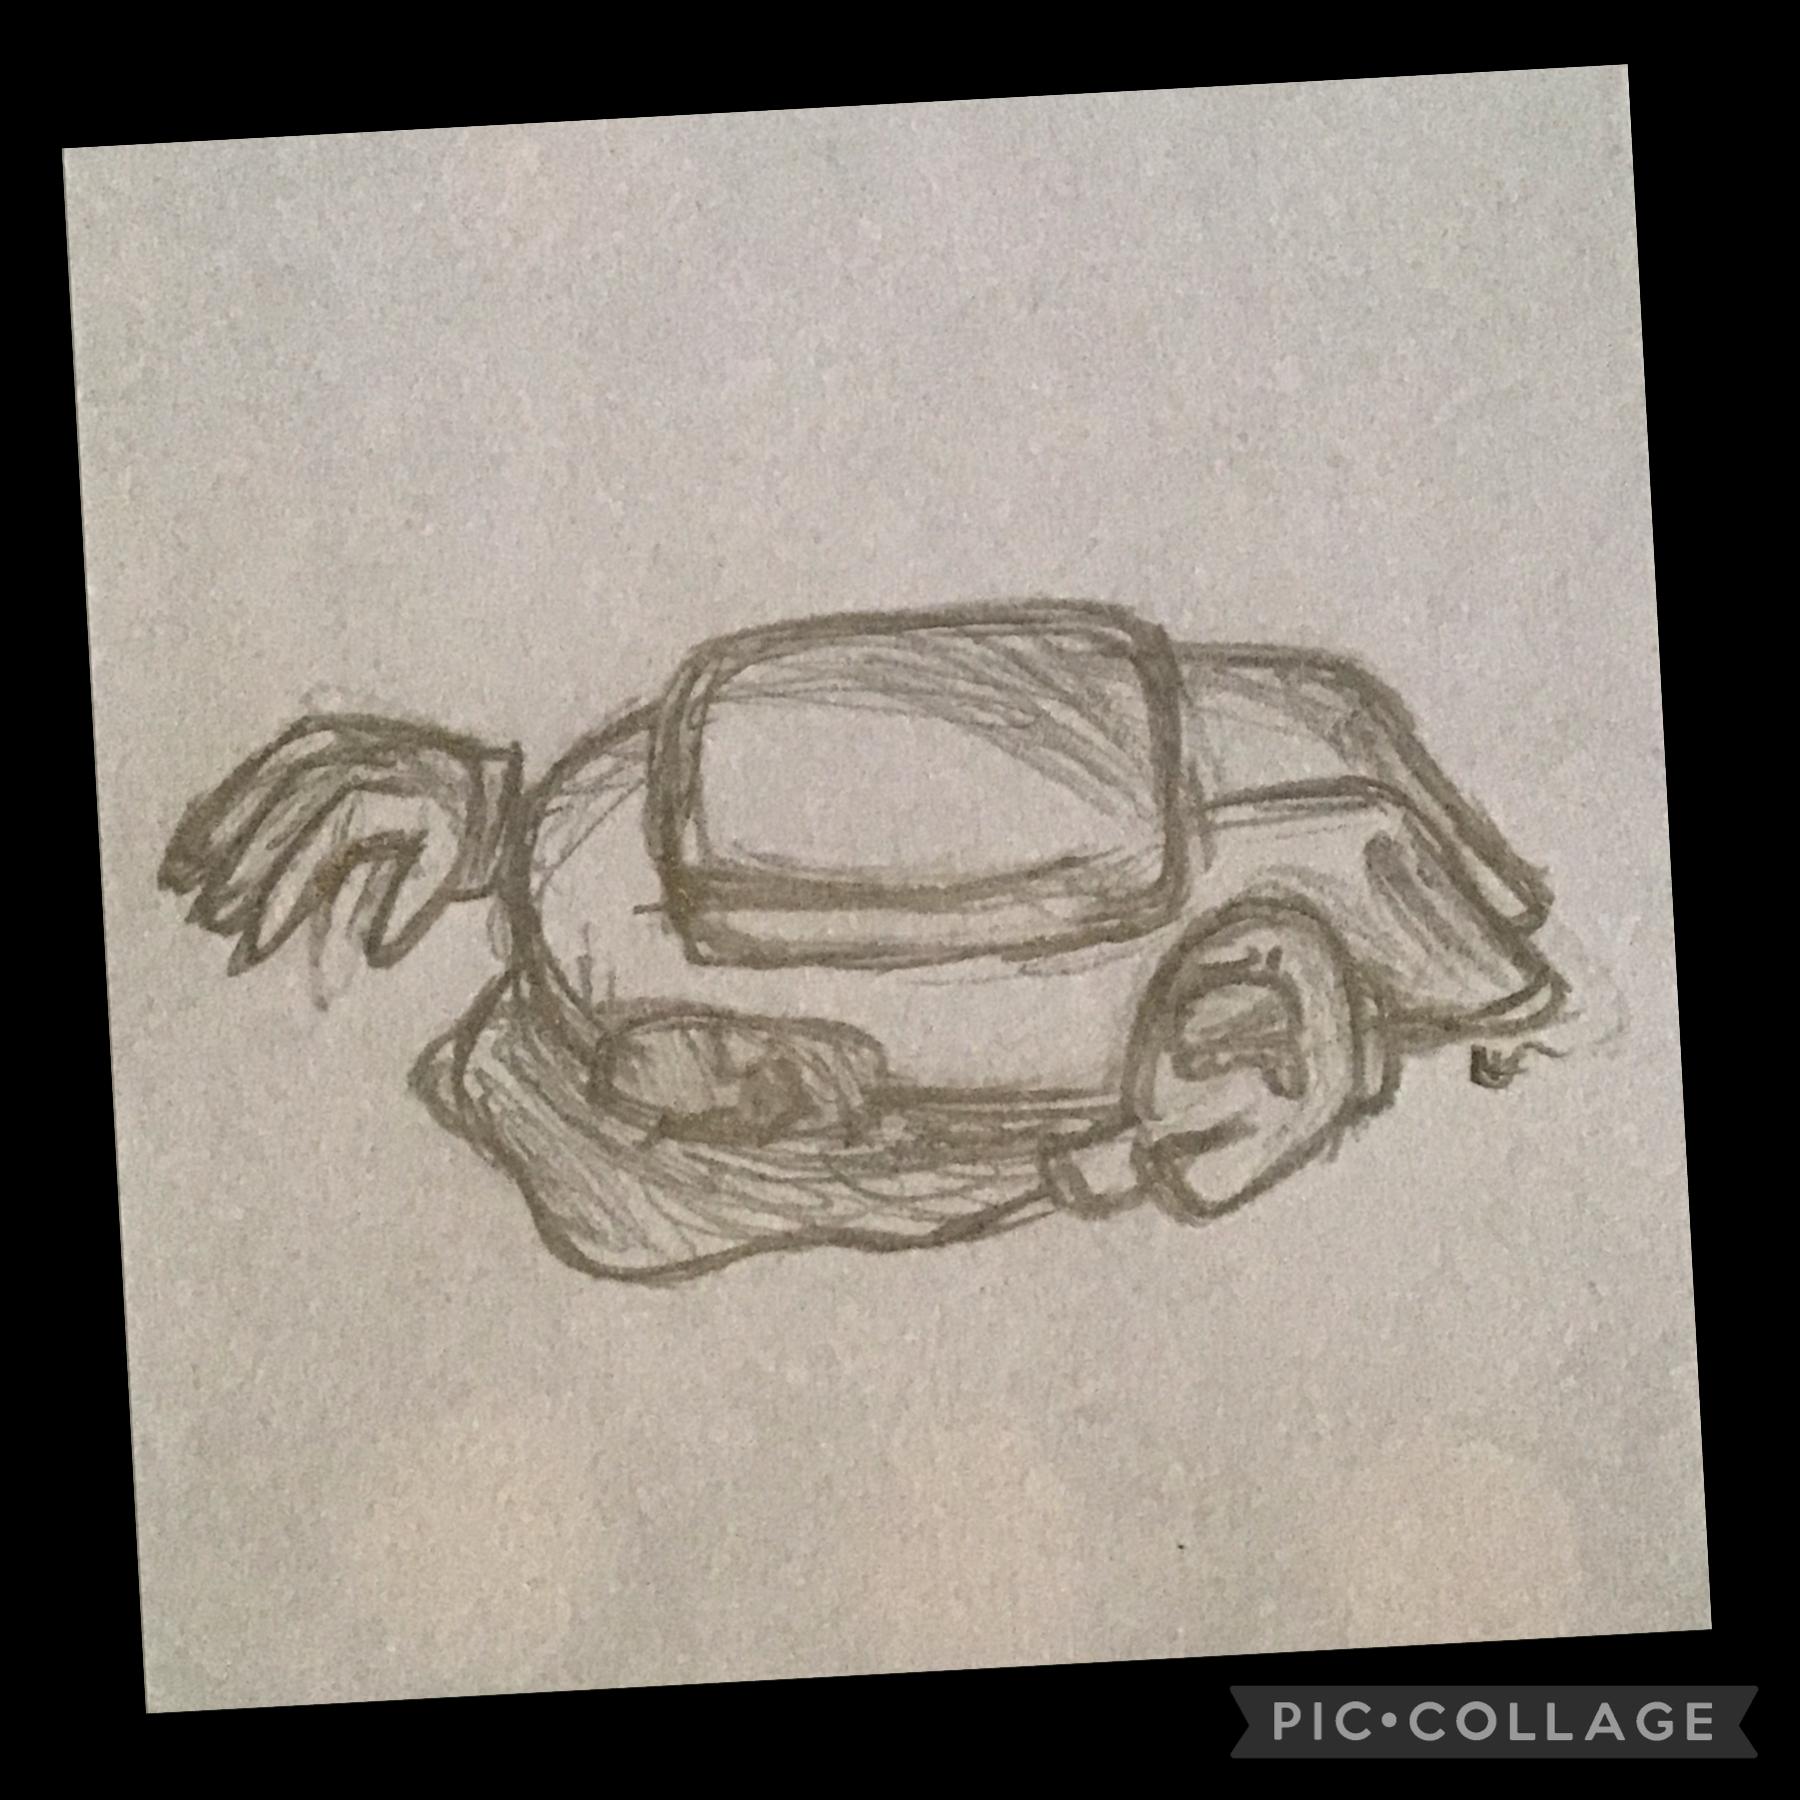 I drew something ;)